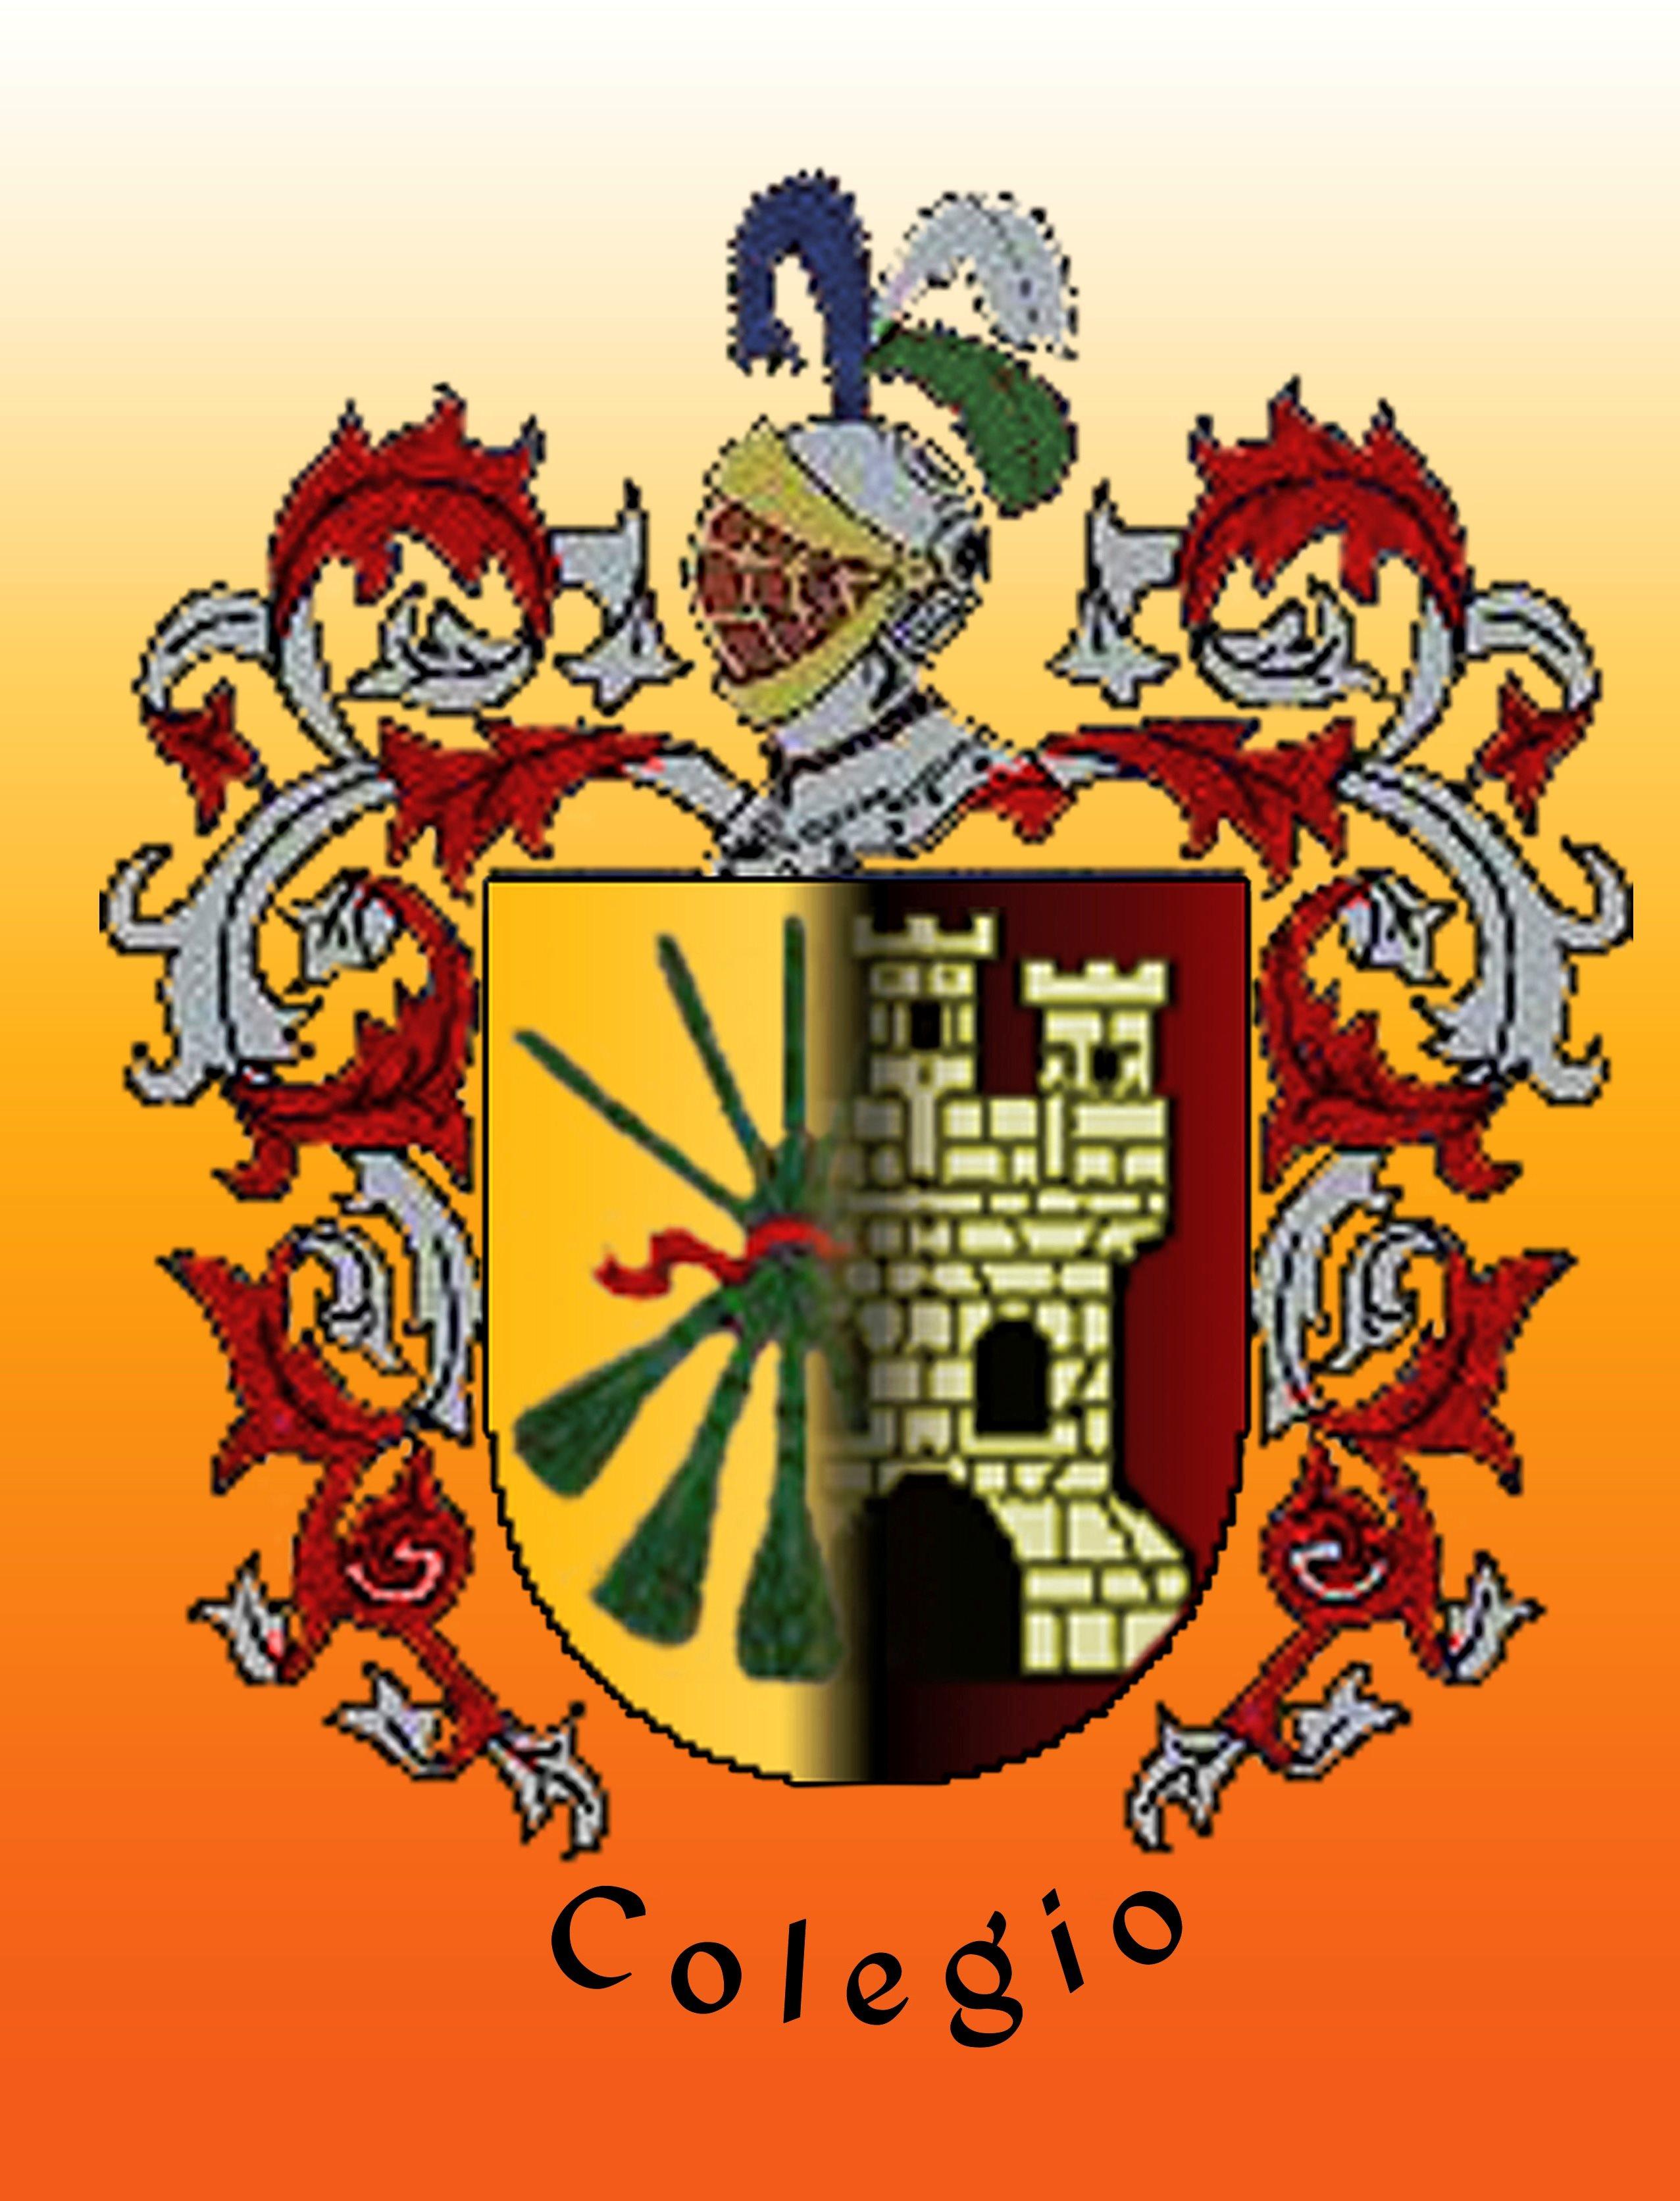 COLEGIO ESCOBAR Y CASTILLO